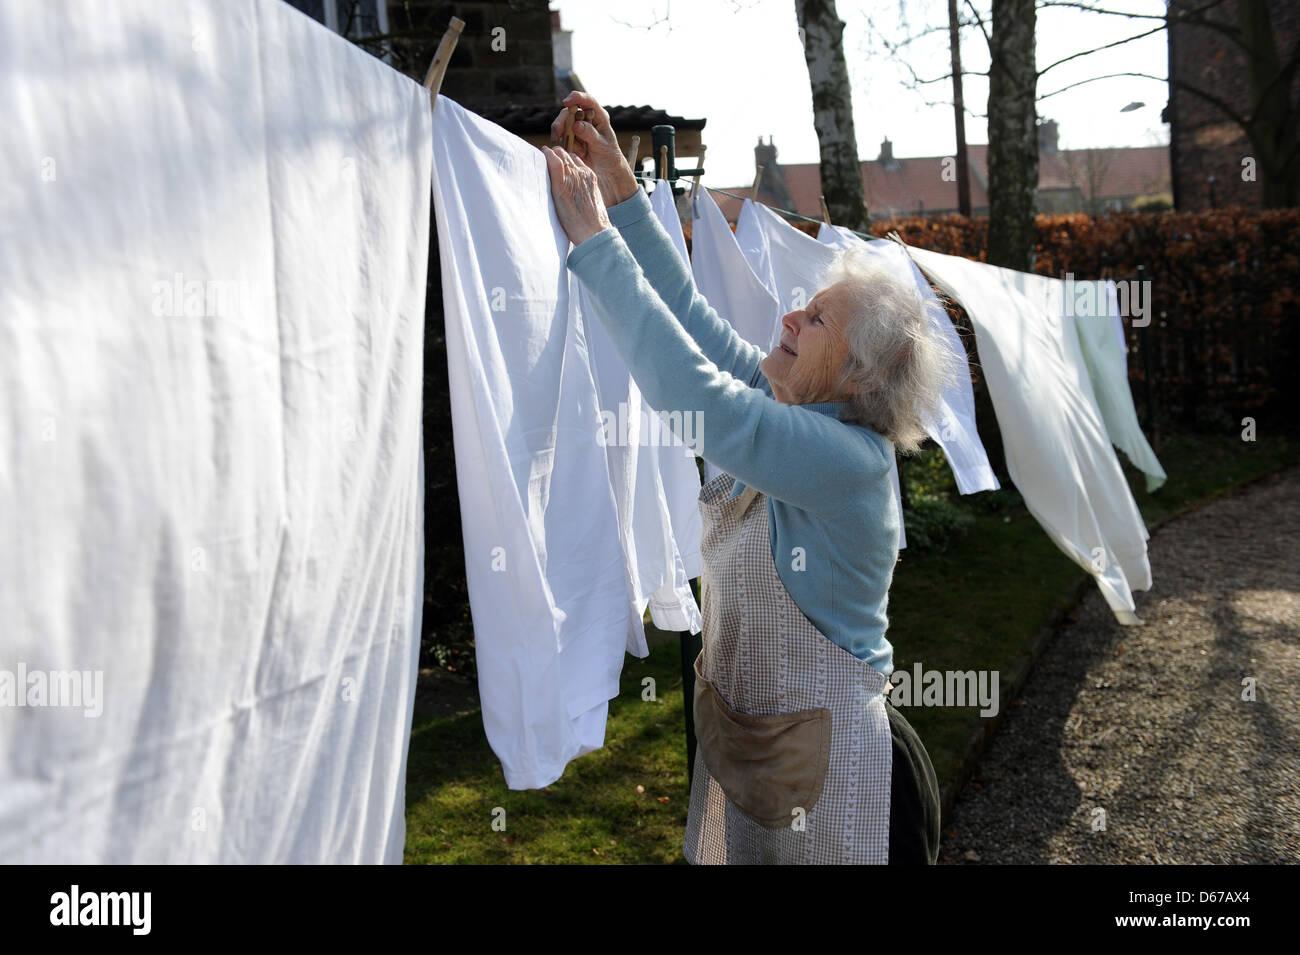 Anziano pensionato appendere fuori una linea di lavaggio sulla sua linea di lavaggio in aprile. Immagini Stock